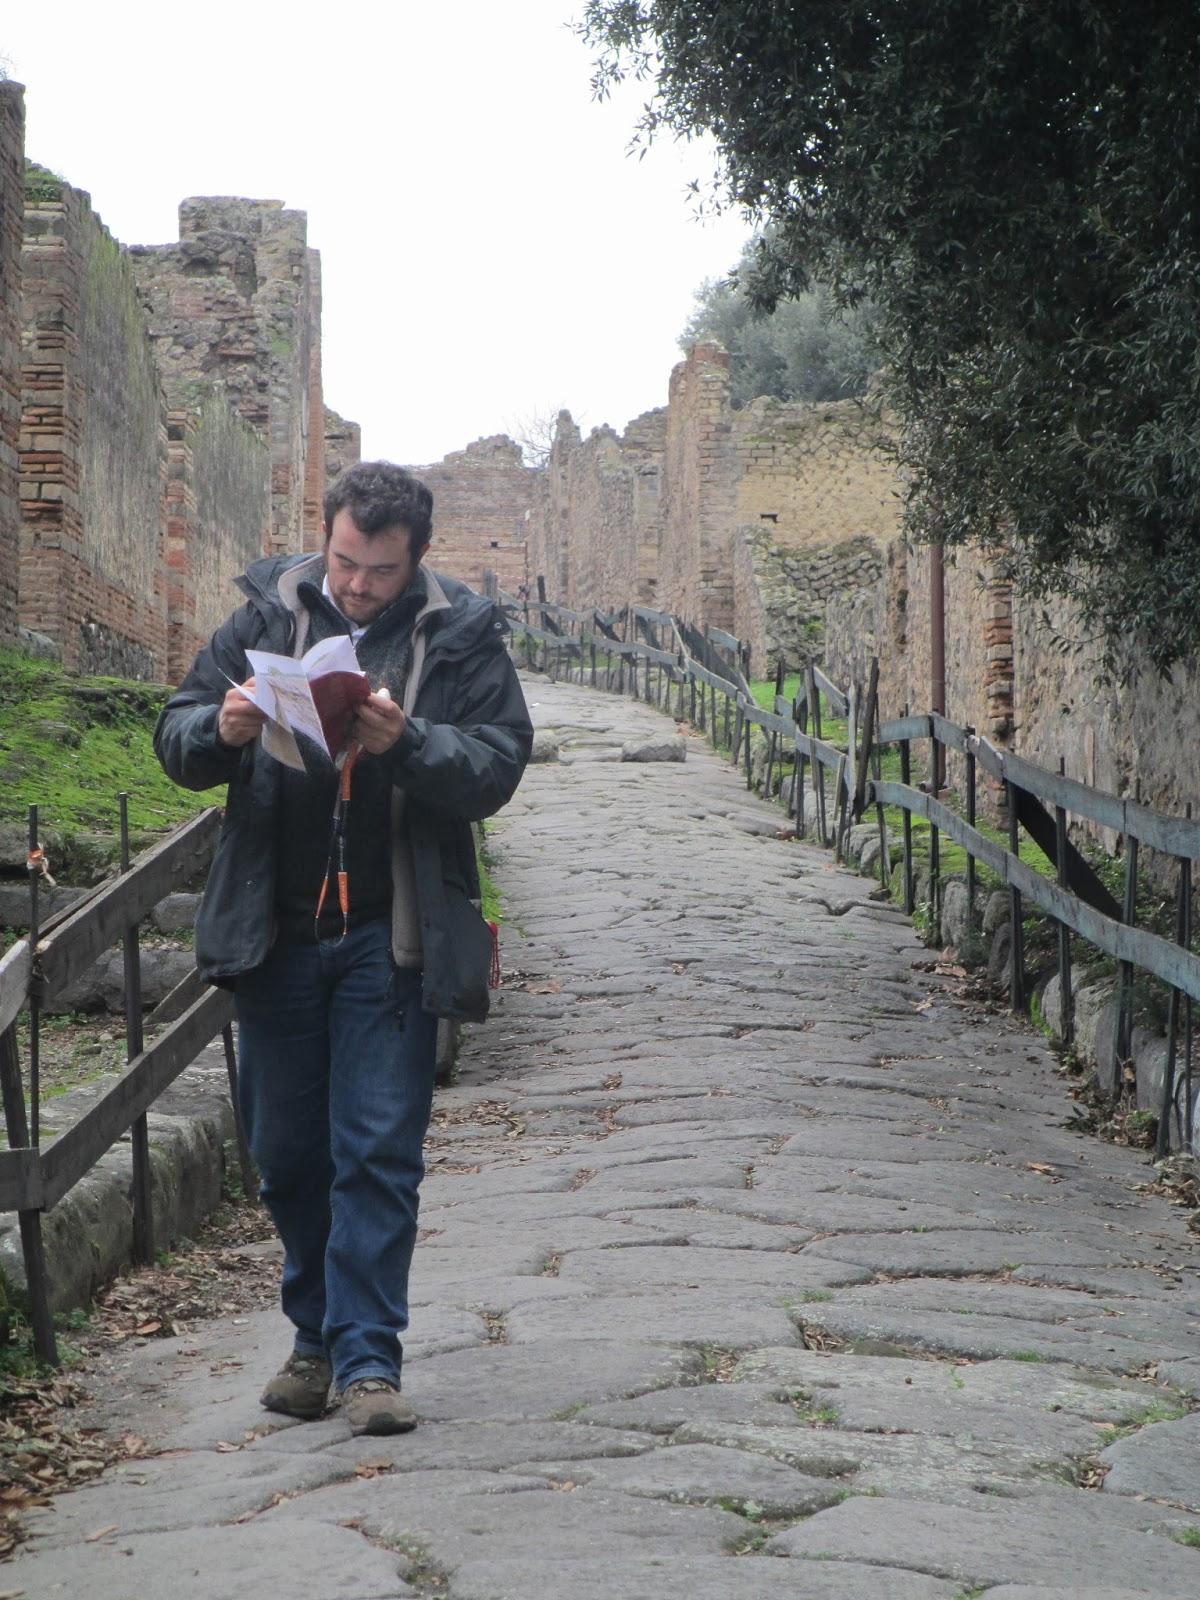 El plano de Pompeya, fundamental en las visitas no guiadas